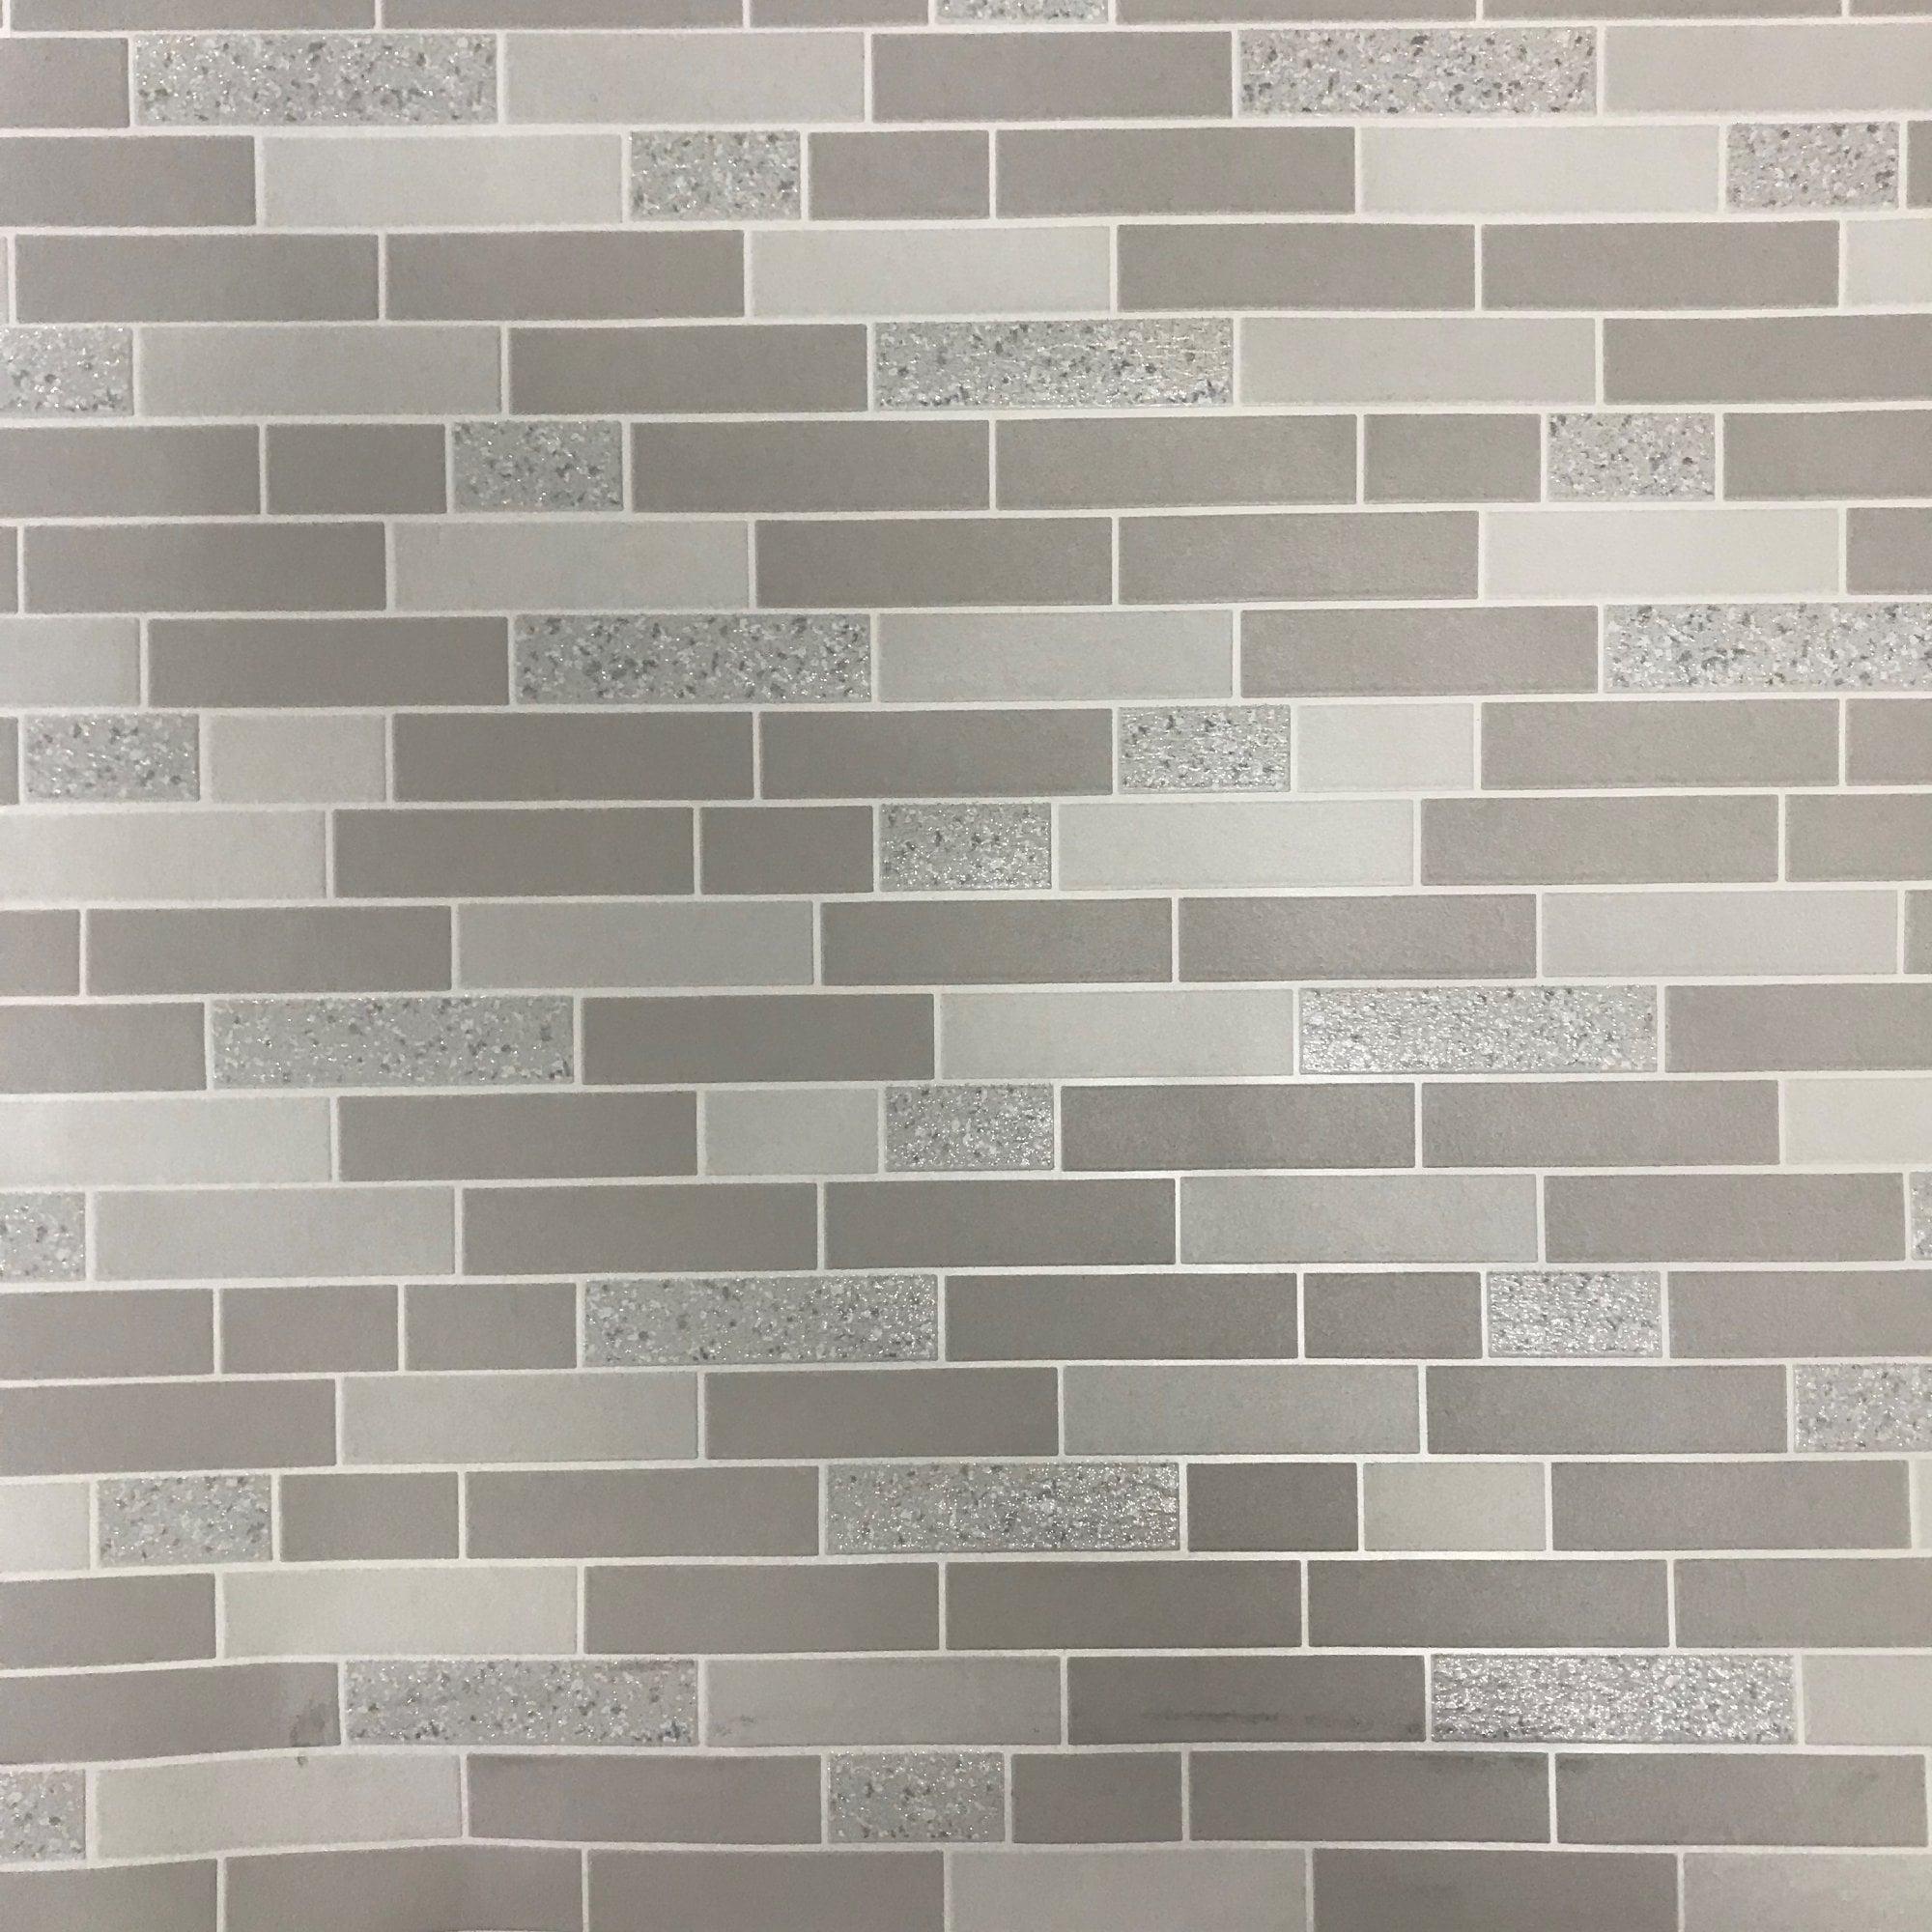 holden decor holden oblong granite tile pattern wallpaper faux effect kitchen bathroom 89194